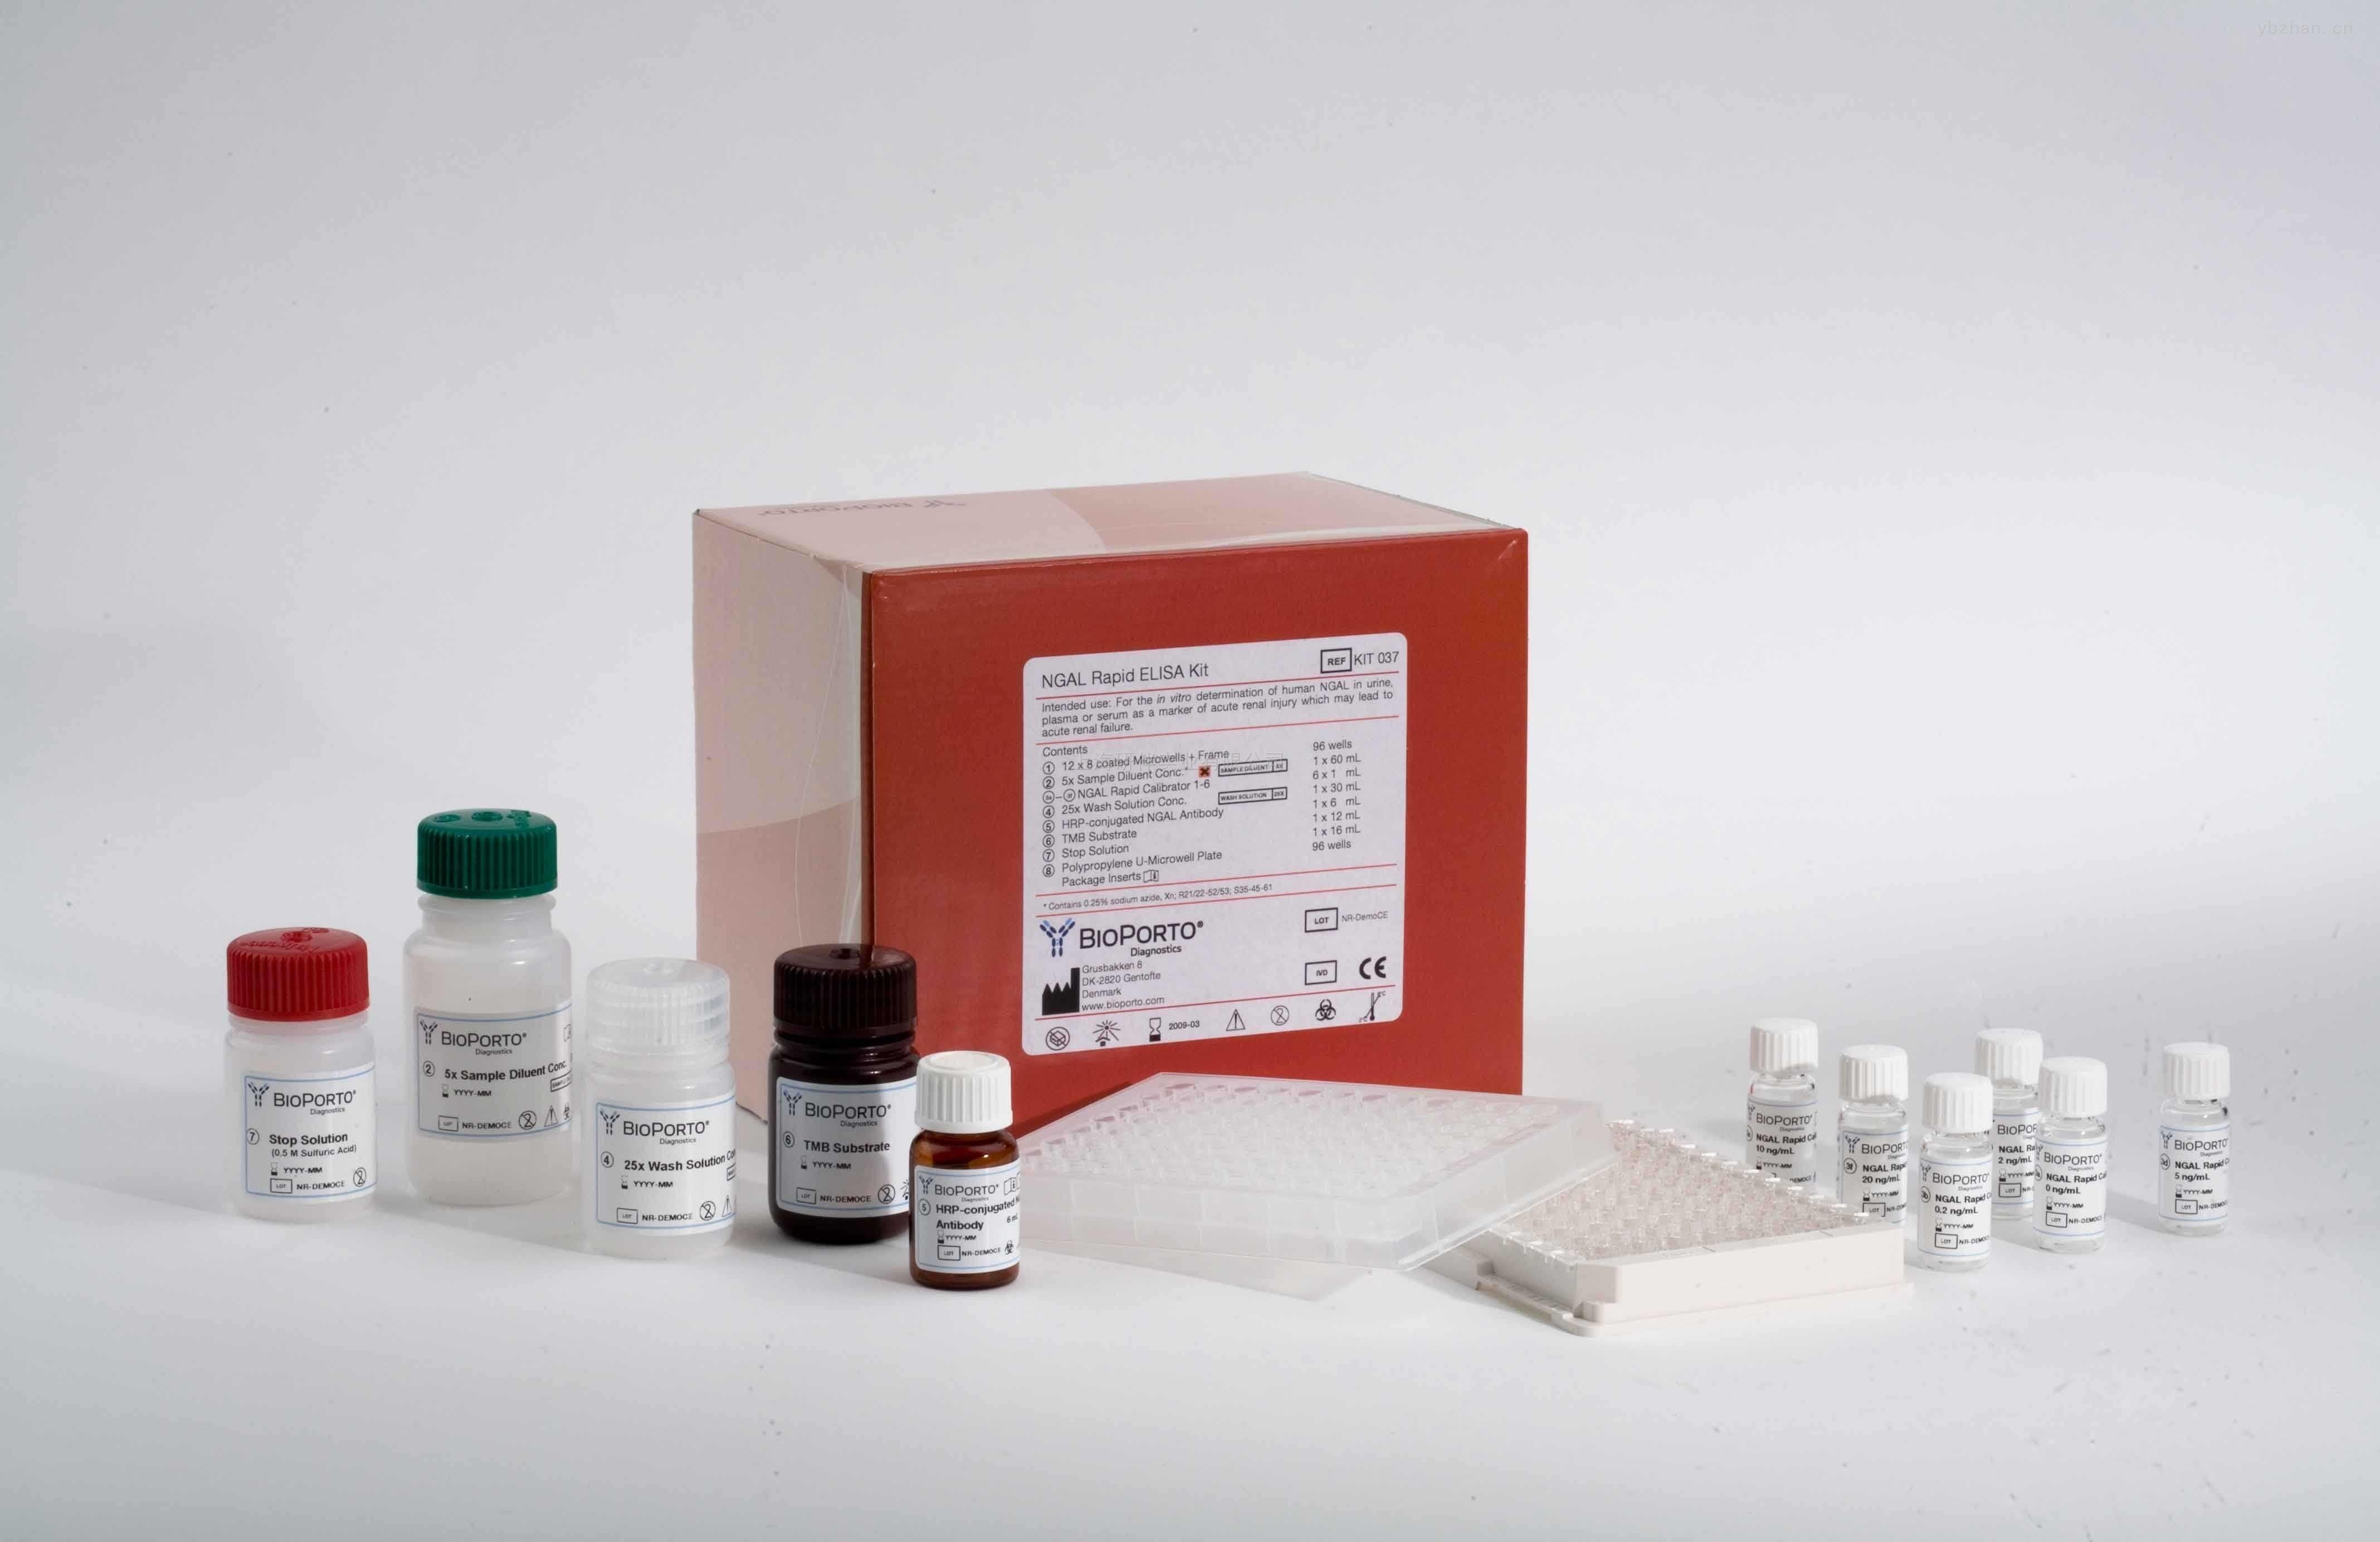 石蠟切片組織APC蛋白表達NBT顯色光學顯微鏡檢測試劑盒